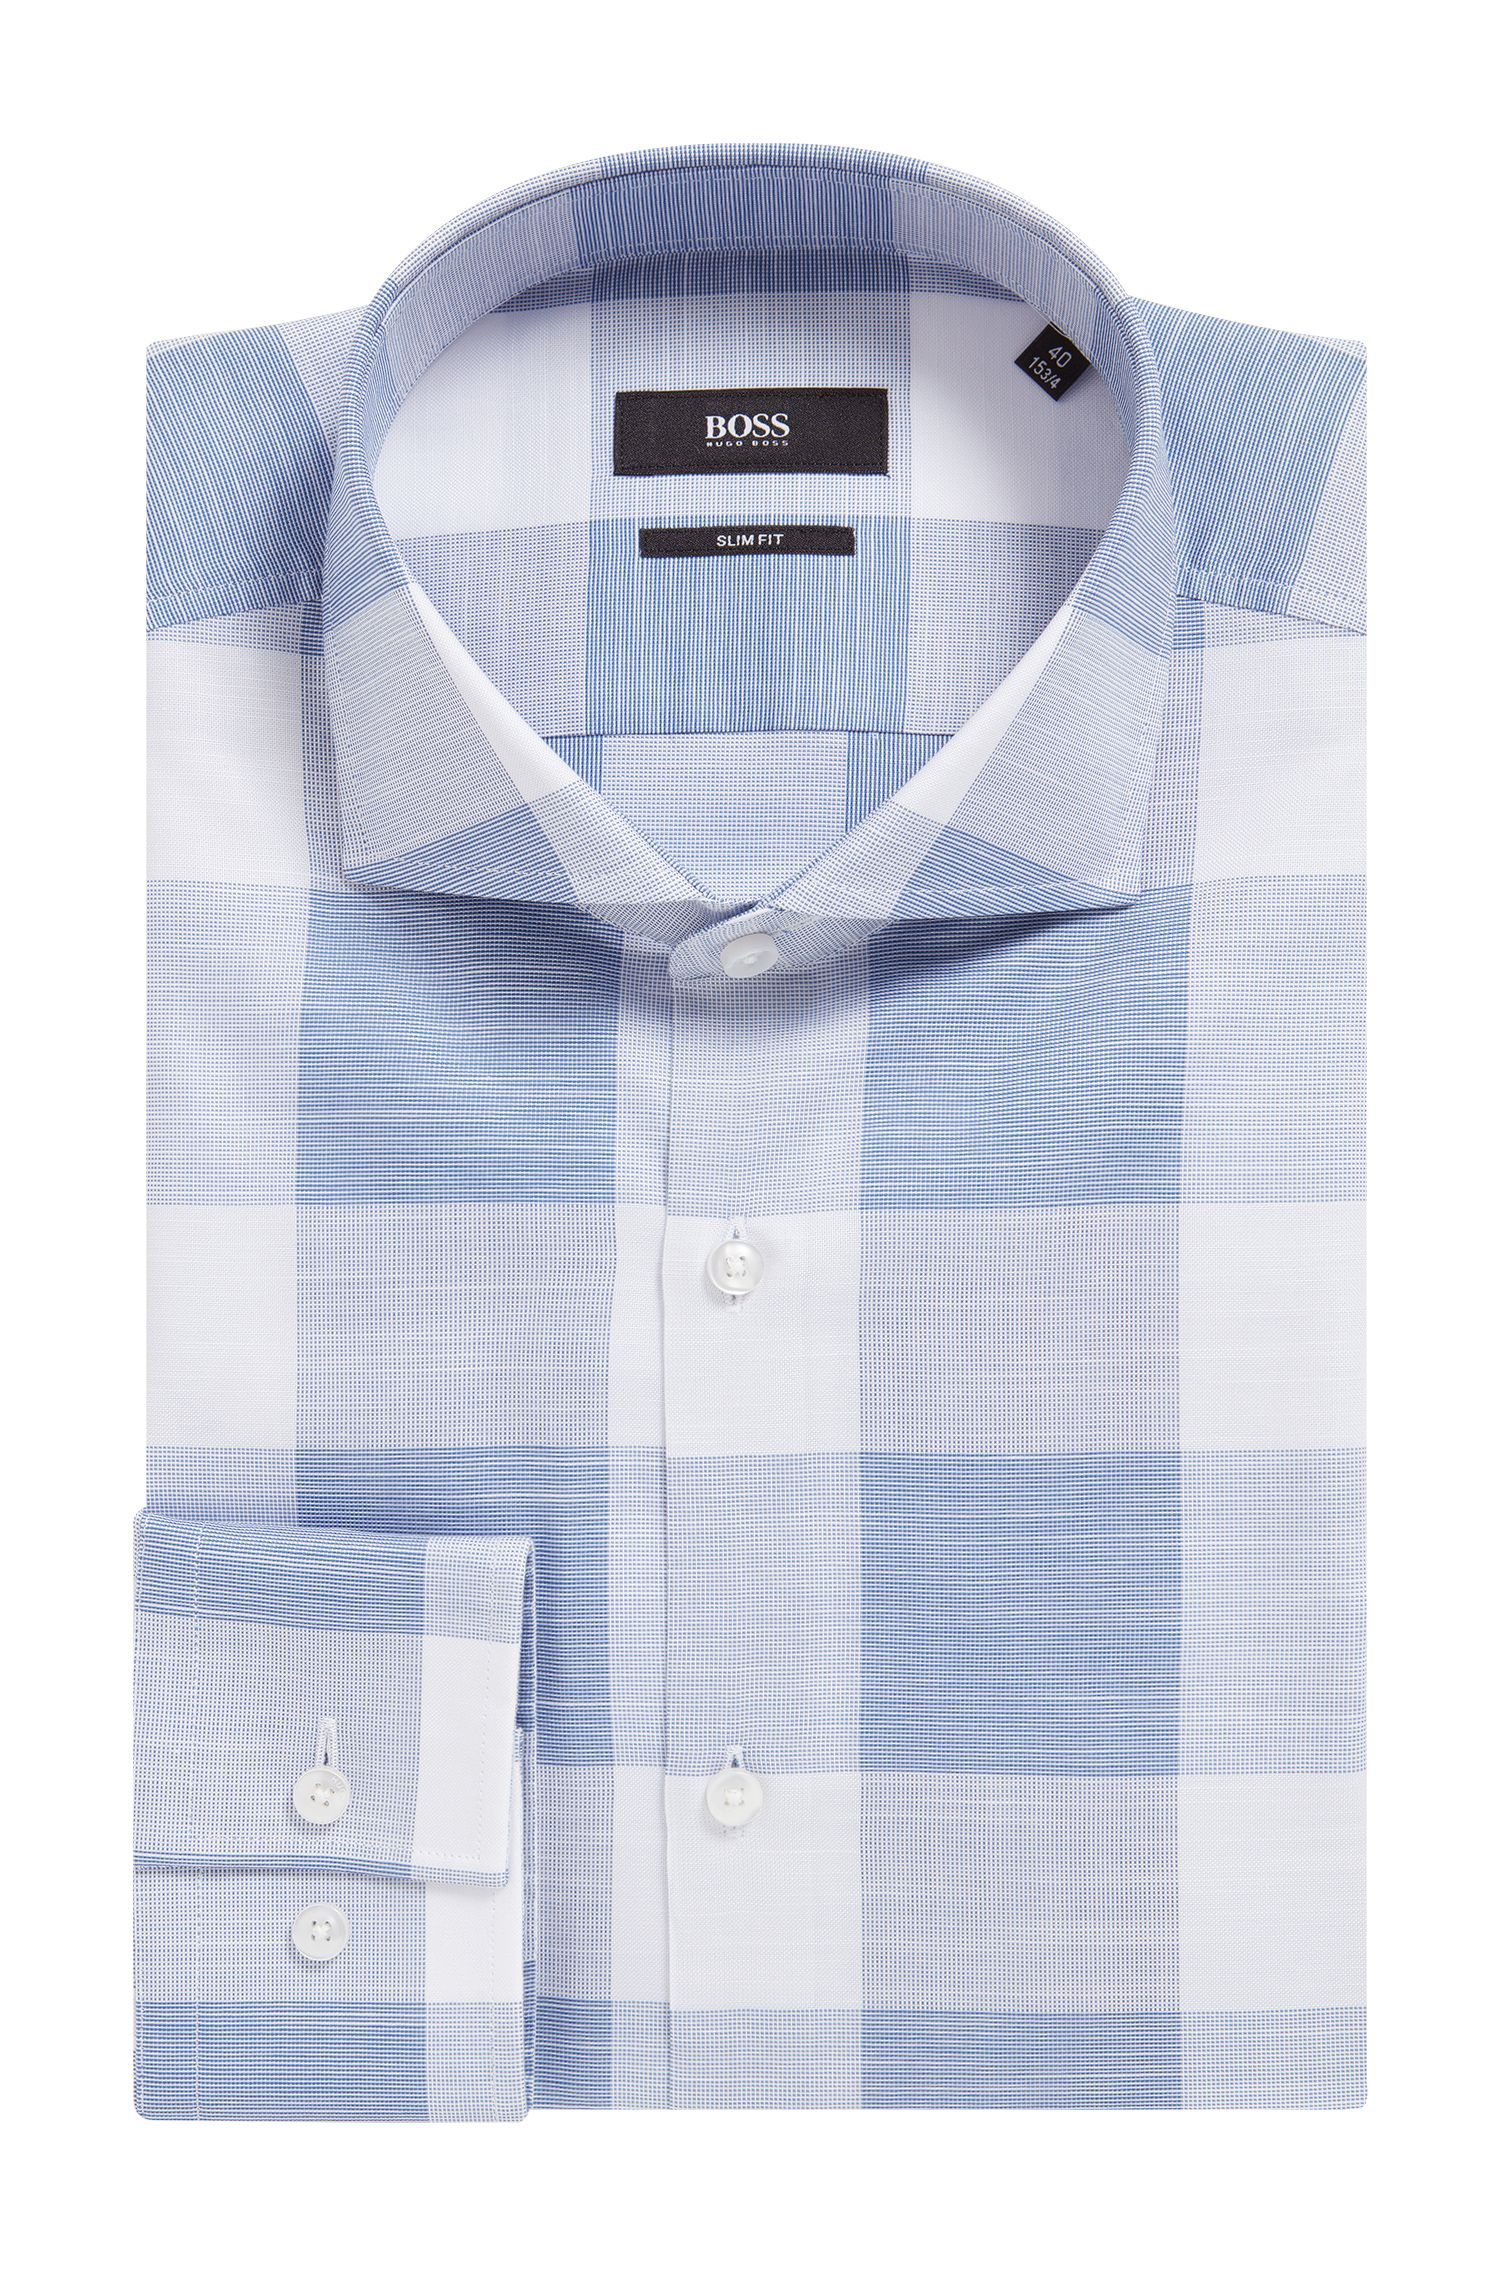 Buffalo Check Italian Cotton Dress Shirt, Slim Fit | Jason